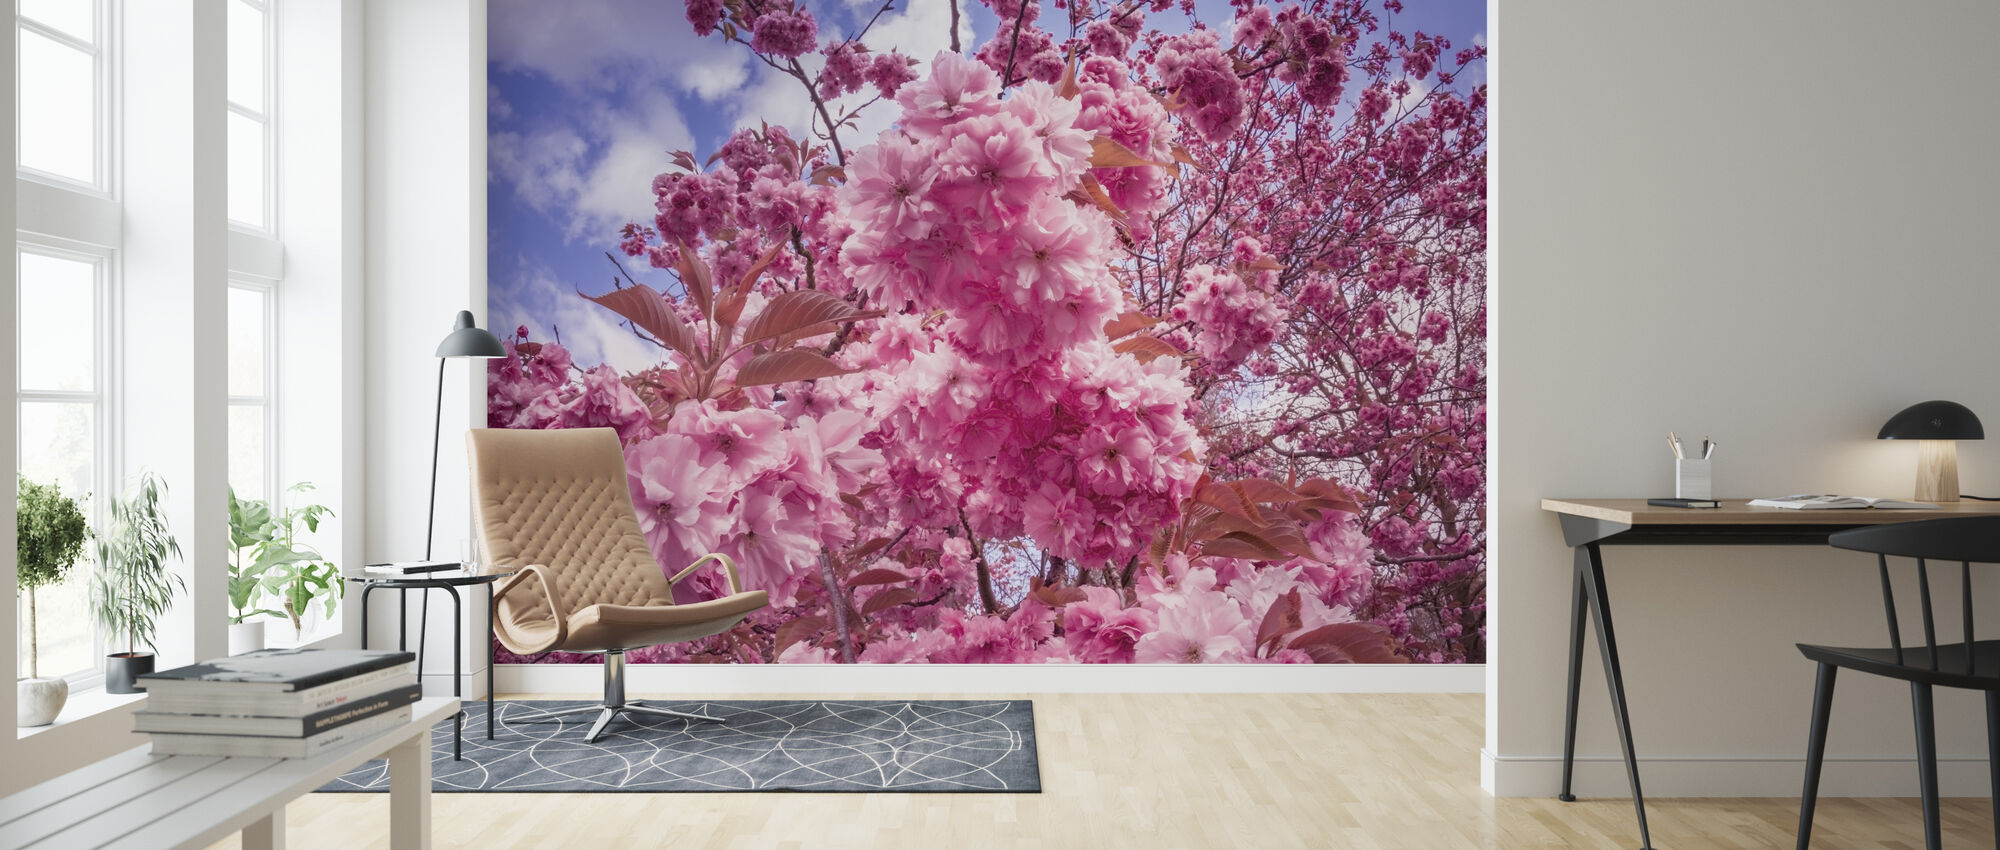 Japanese Cherry Trees - Wallpaper - Living Room